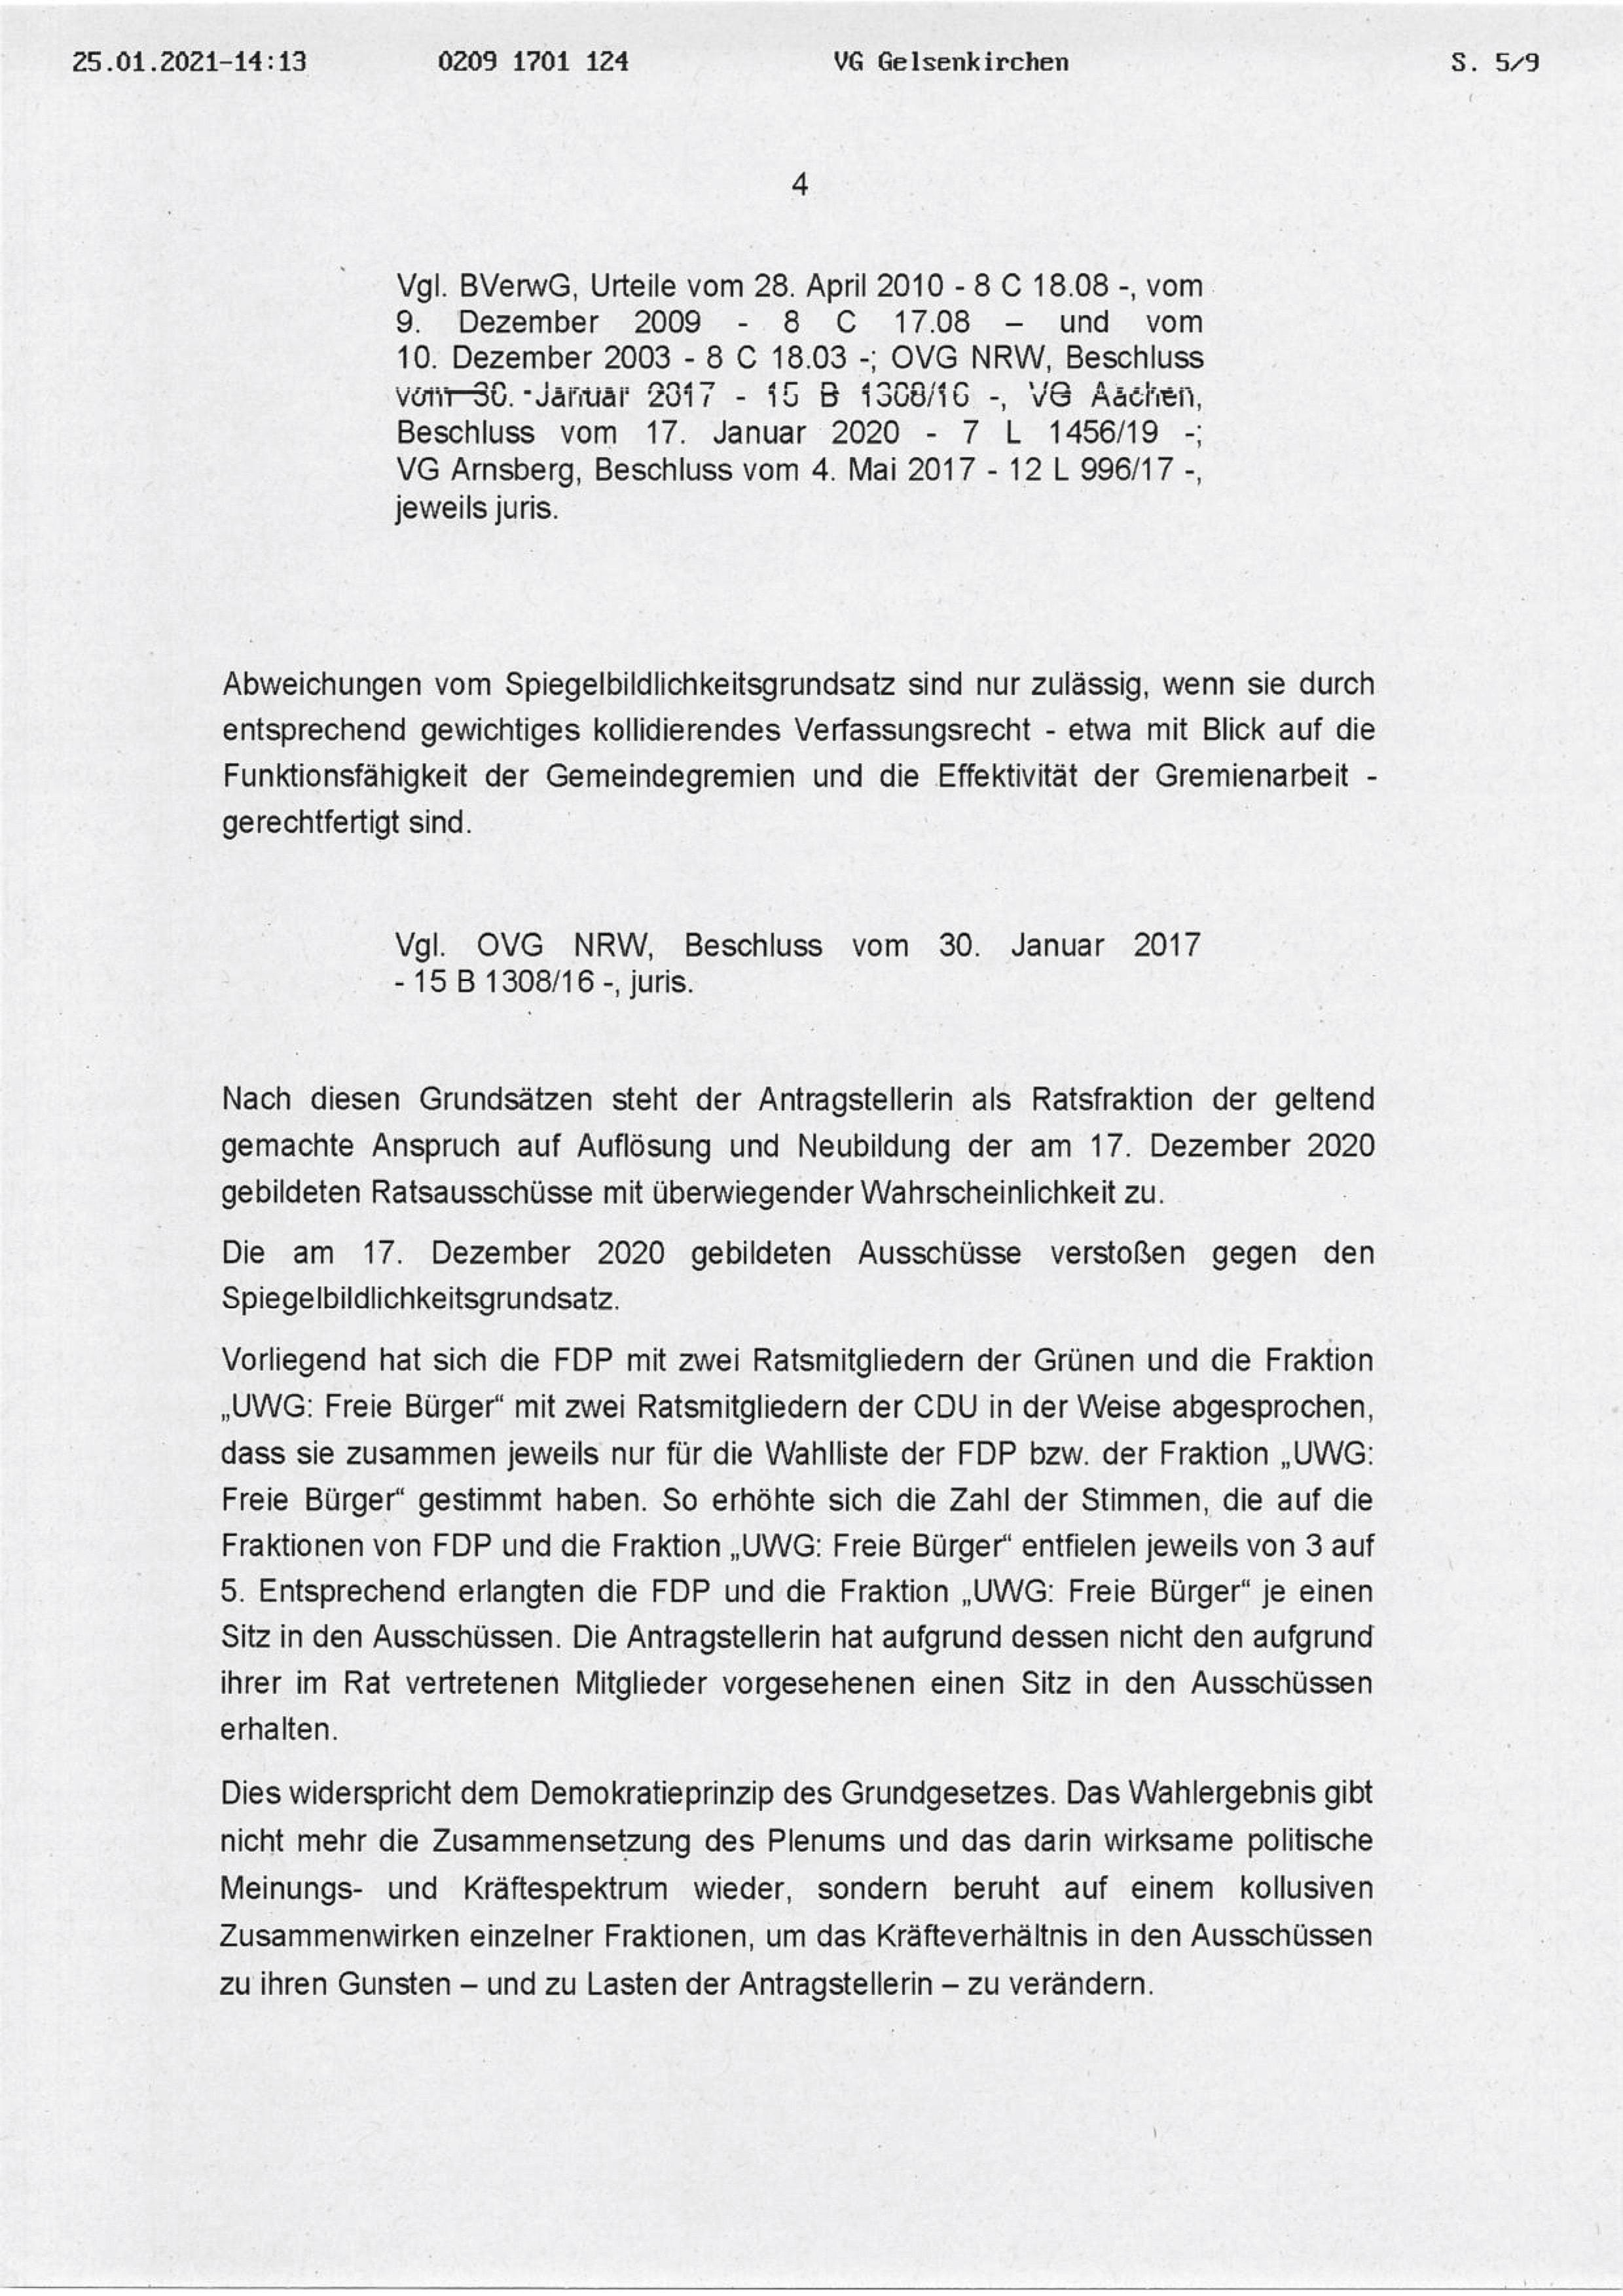 """Beschluss (VG Gelsenkirchen 25.01.2021) in der Sache Fraktion """"Die Partei und Stadtgestalter"""" gegen den Rat der Stadt Bochum, hier: Seite 4/8 (bzw. 5/9)"""